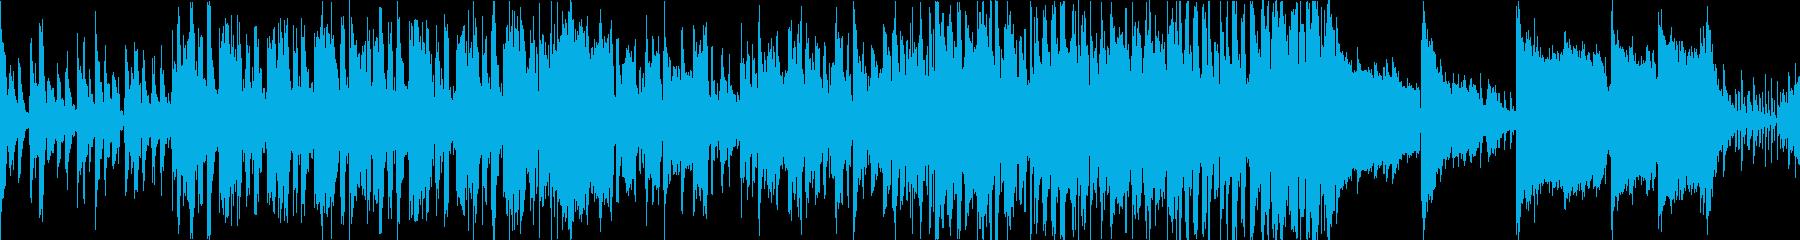 オケ+民族楽器/遺跡の探検BGM/ループの再生済みの波形